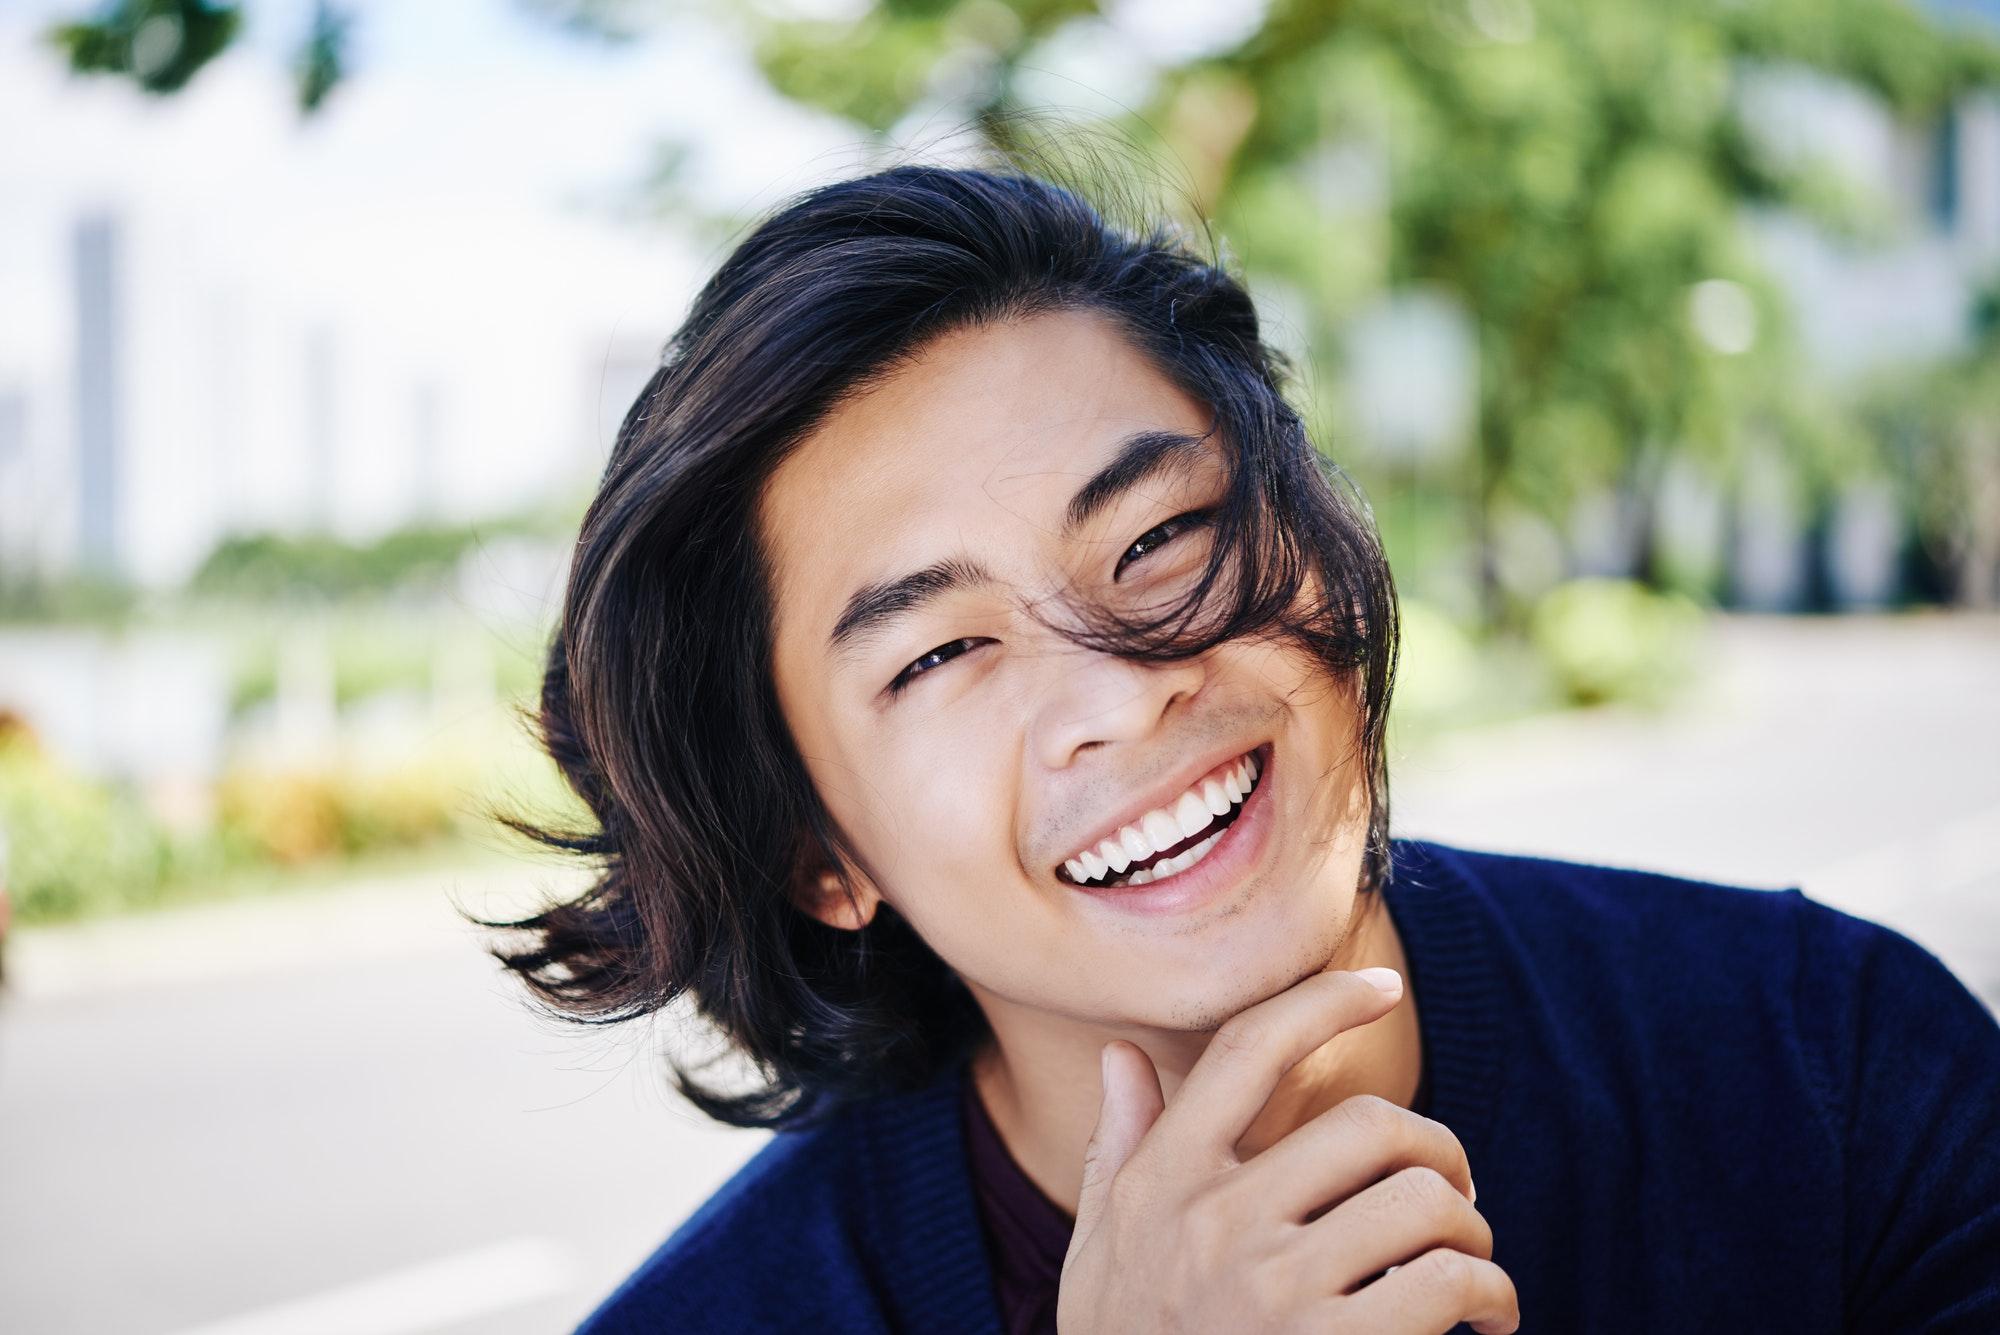 homme souriant et rayonnant de positivité